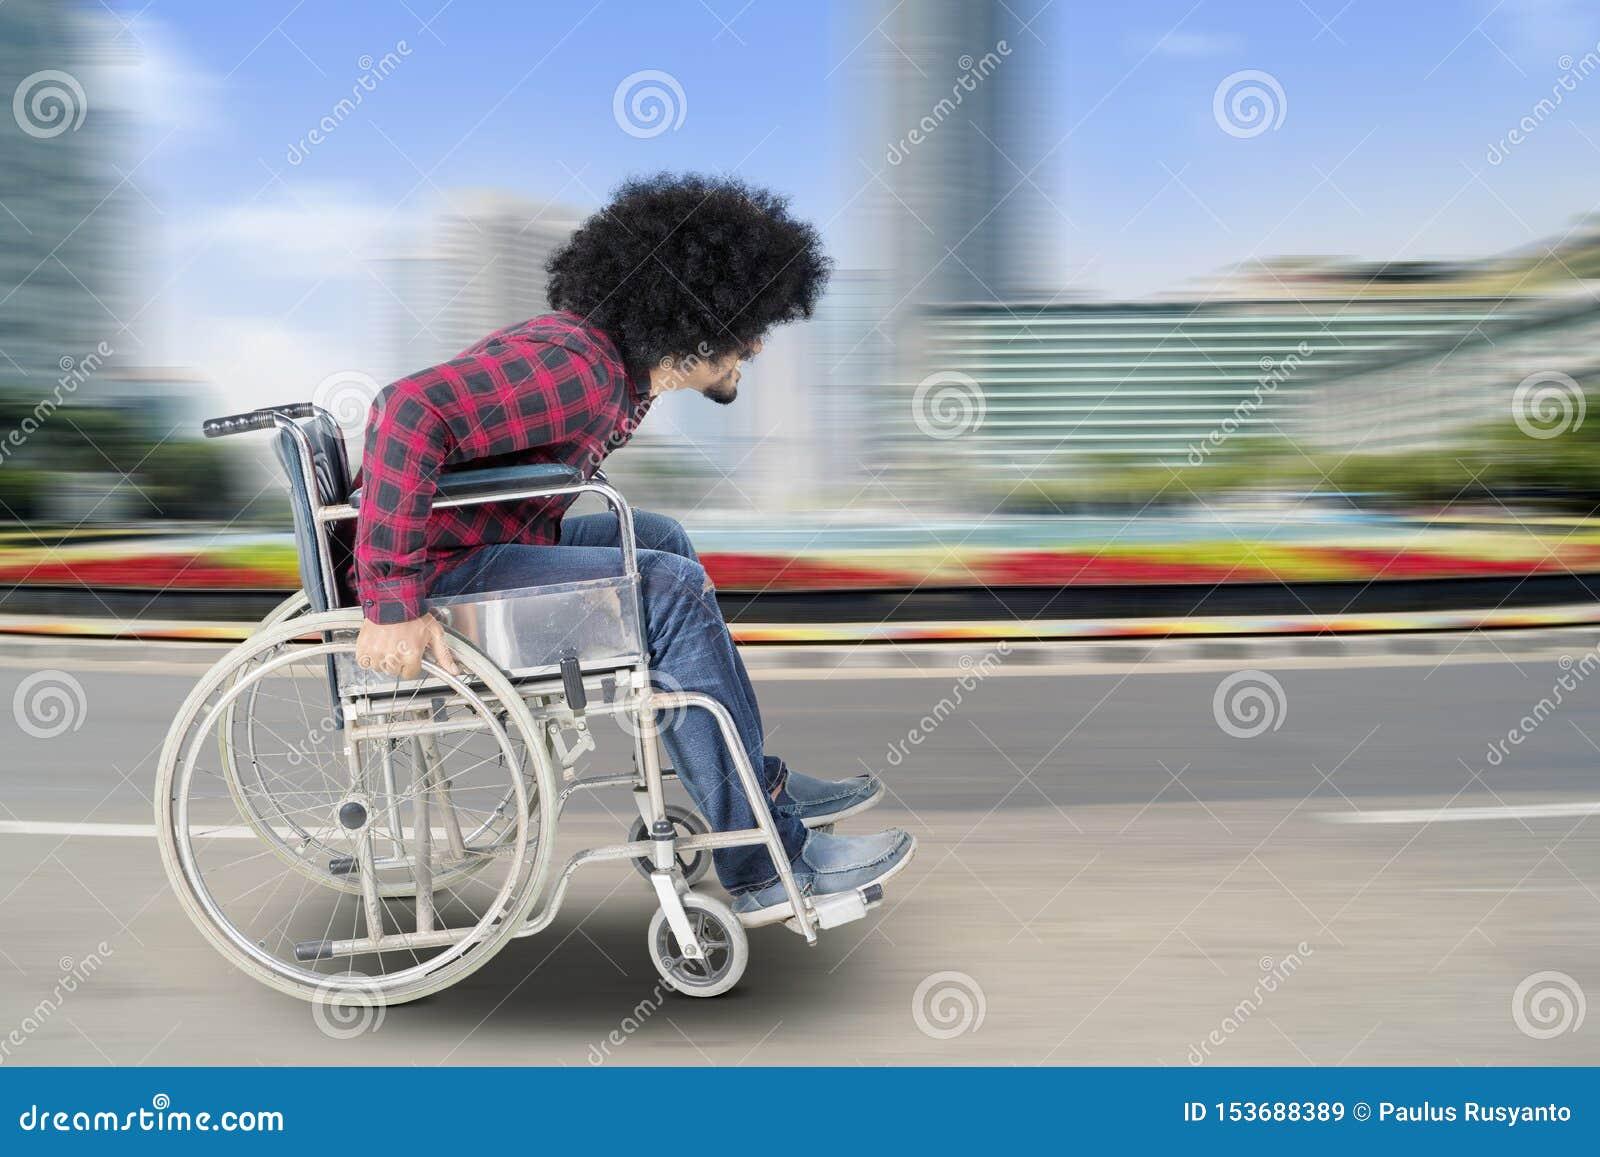 Niepełnosprawny mężczyzna siedzi w wózku inwalidzkim z szybkim ruchem